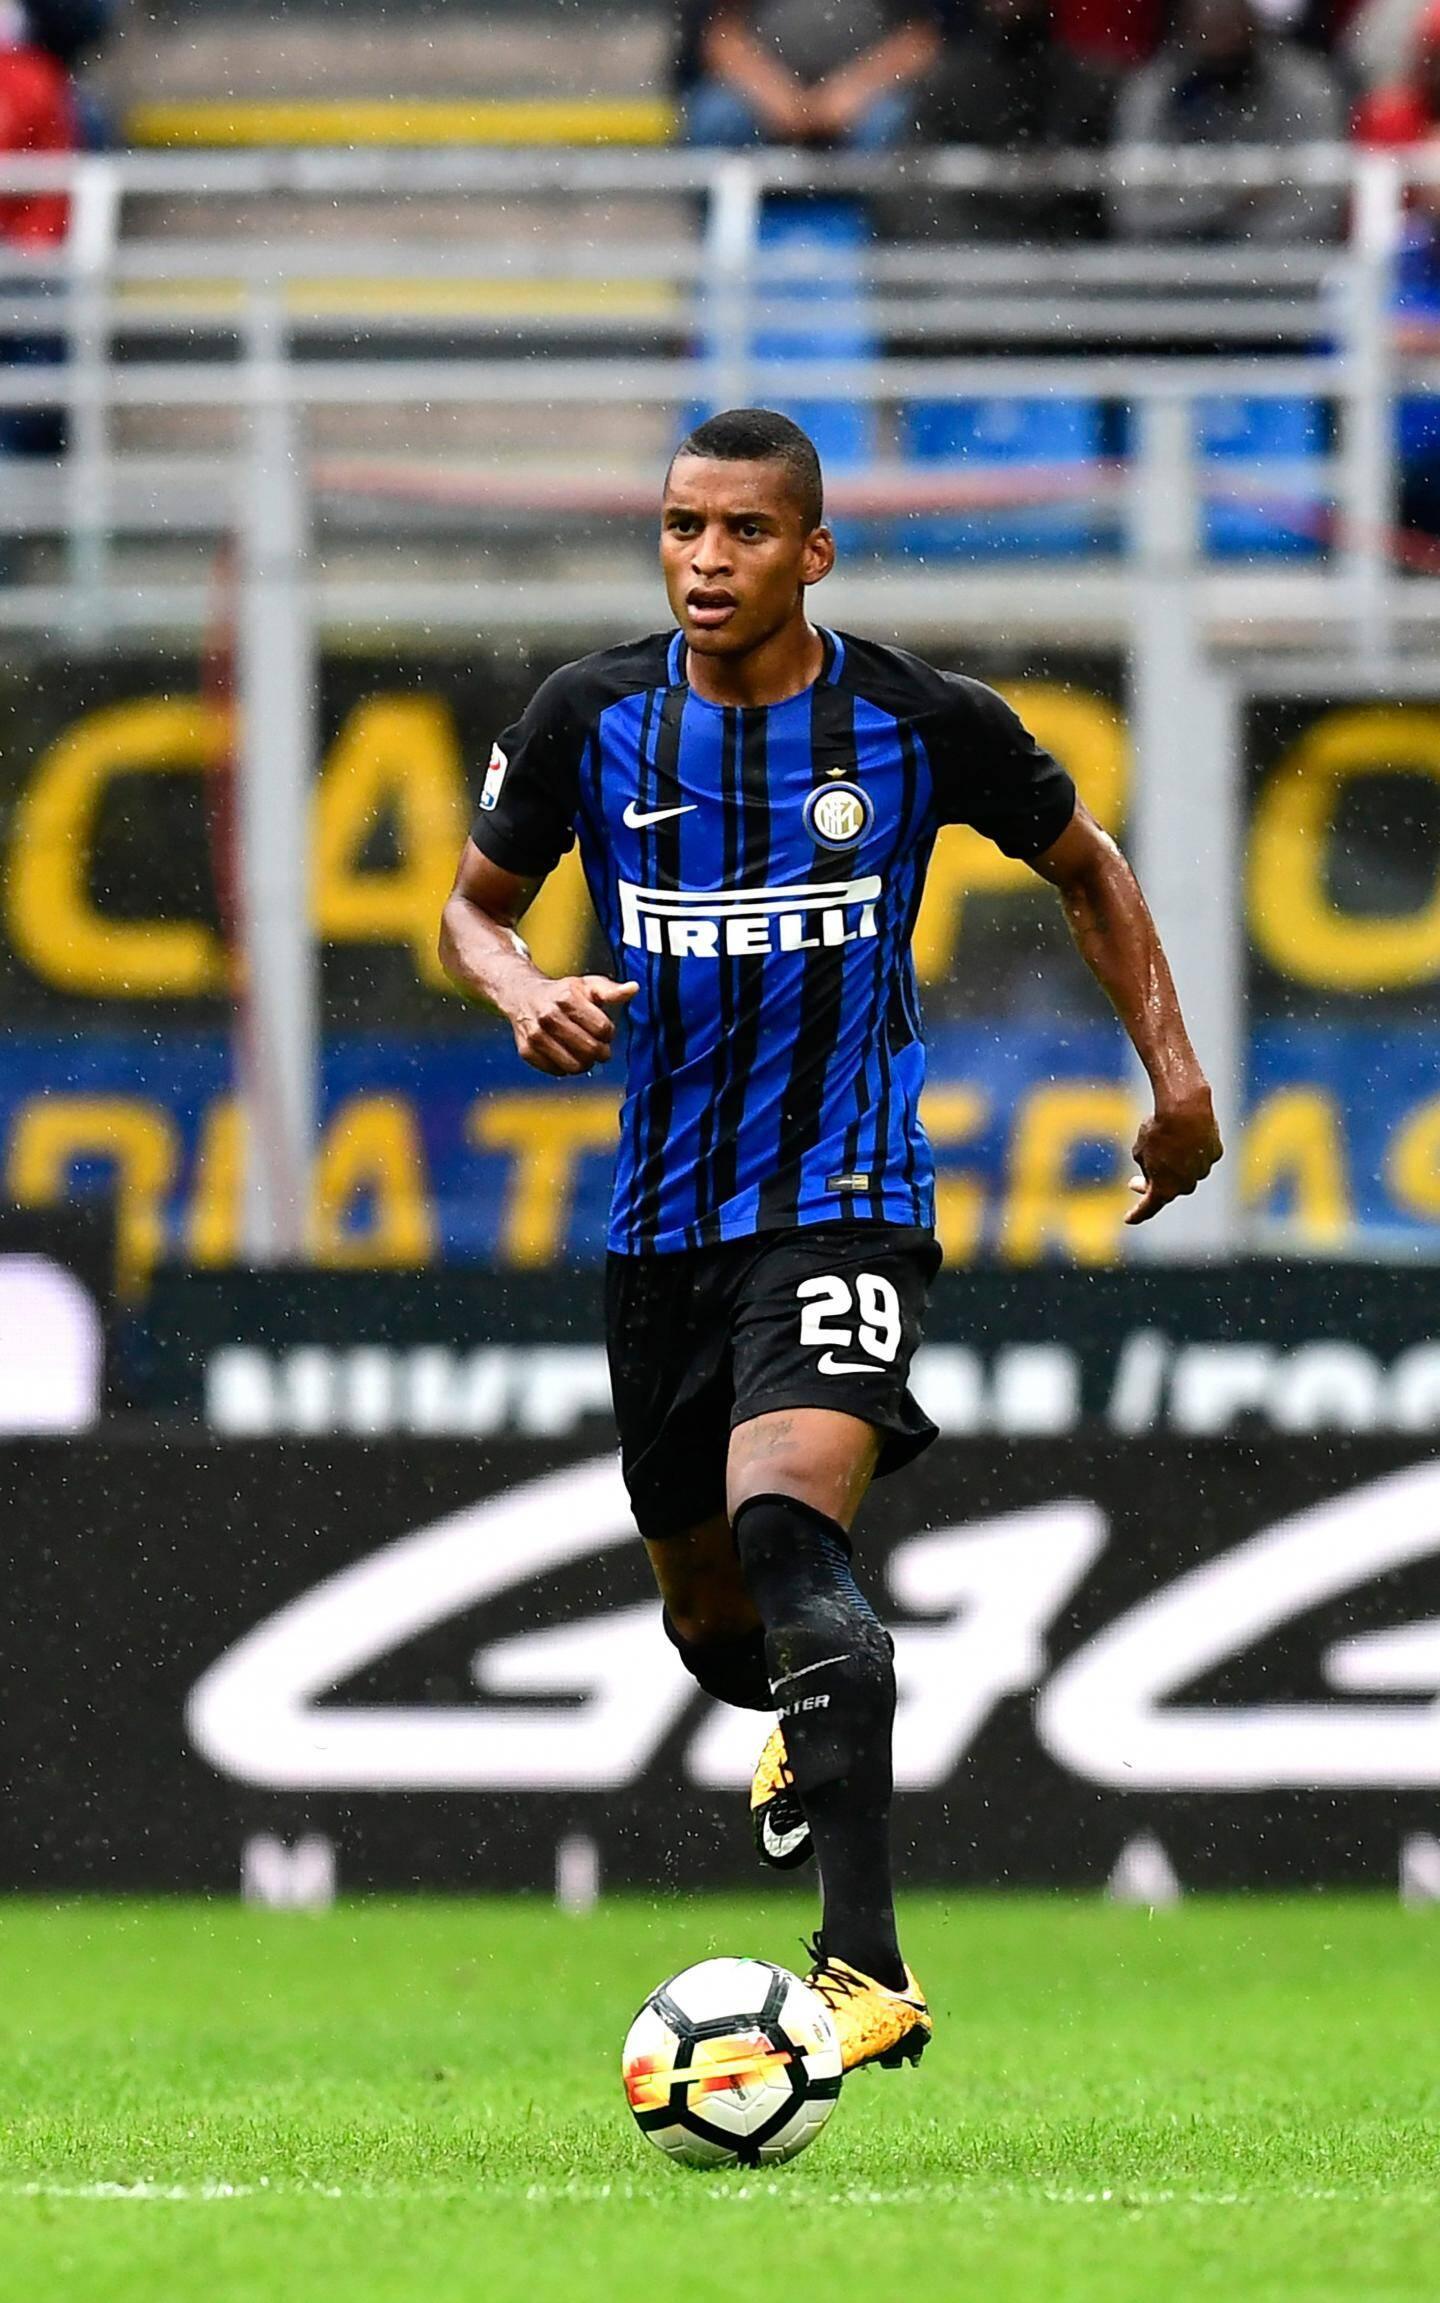 Henrique Dalbert évolue sous le maillot de l'Inter Milan.